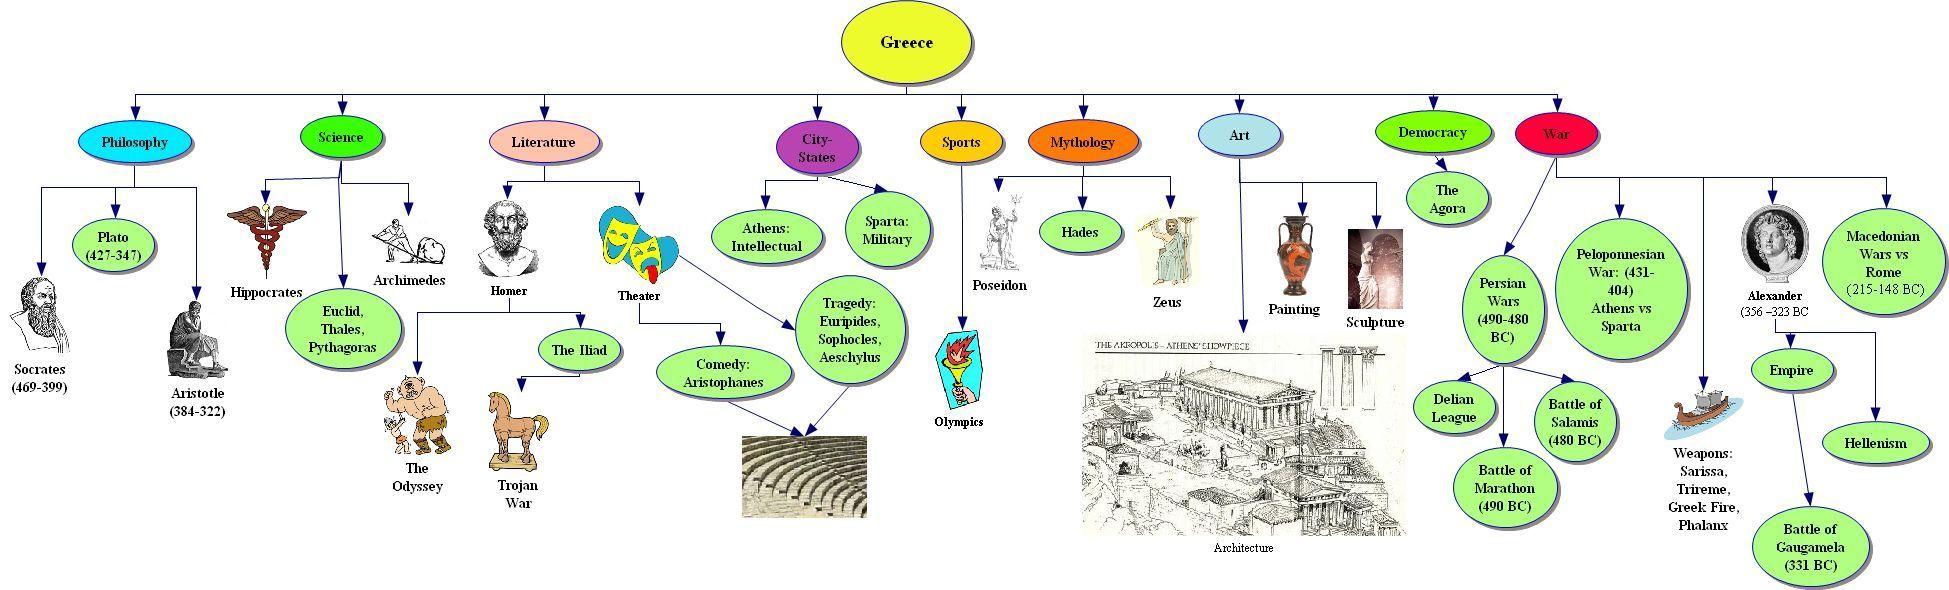 greek gods olympians,greek gods and demigods olympians,zeus olympians,greek gods hera,greek gods hades,greek gods greek mythology,greek gods zeus,greek gods titans,greek gods olympics,